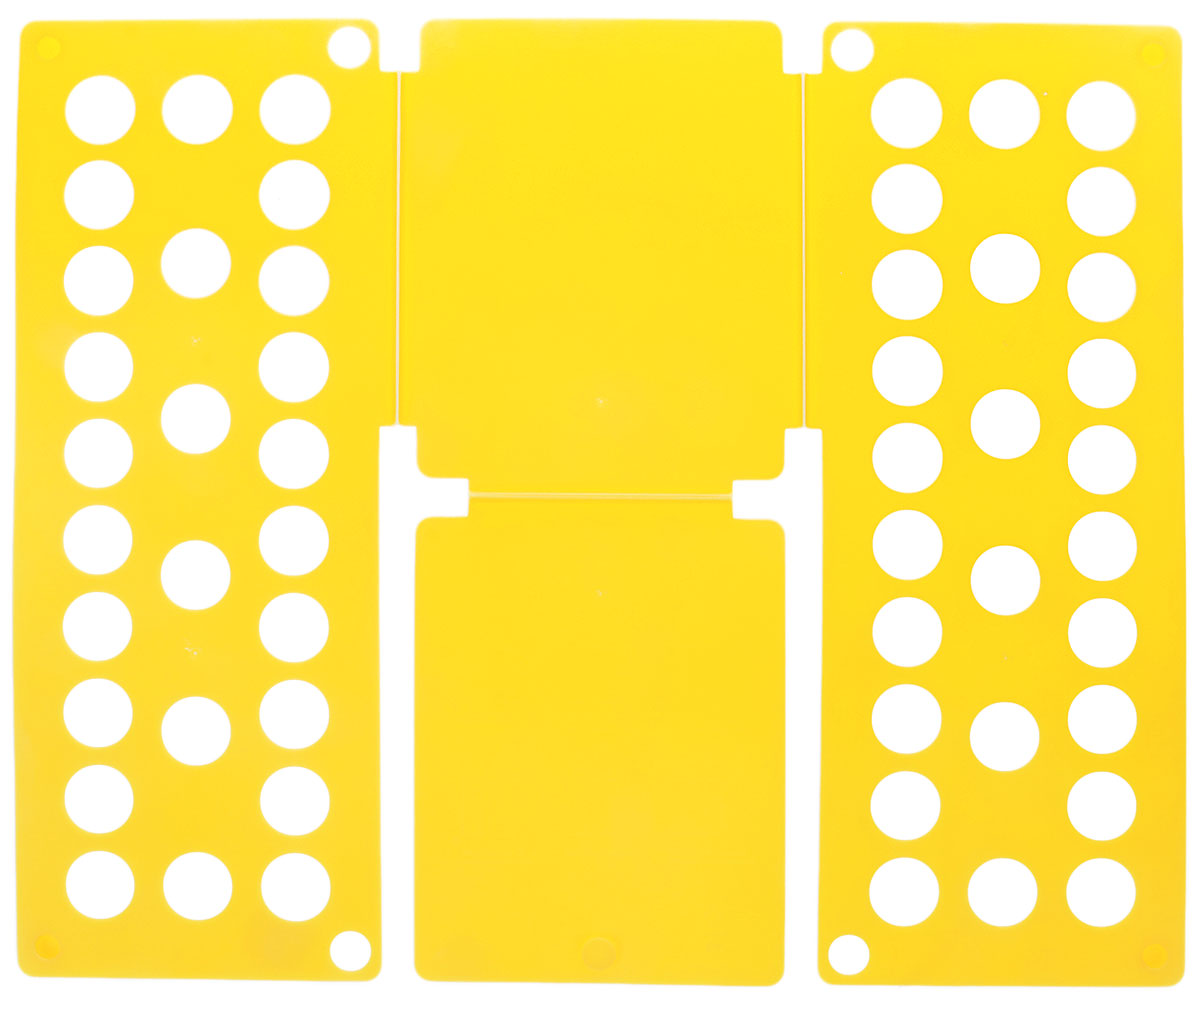 Приспособление для складывания одежды Sima-land, цвет: желтый1411846_желтыйПриспособление для складывания одежды Sima-land поможет навести порядок в вашем шкафу. С ним вы сможете быстро и аккуратно сложить вещи. Приспособление подходит для складывания полотенец, рубашек поло, вещей с короткими и длинными рукавами, футболок, штанов. Не подойдет для больших размеров одежды. Приспособление выполнено из качественного прочного пластика. Изделие компактно складывается и не занимает много места при хранении. Размер в сложенном виде: 40 х 16 см. Размер в разложенном виде: 48 х 40 см.